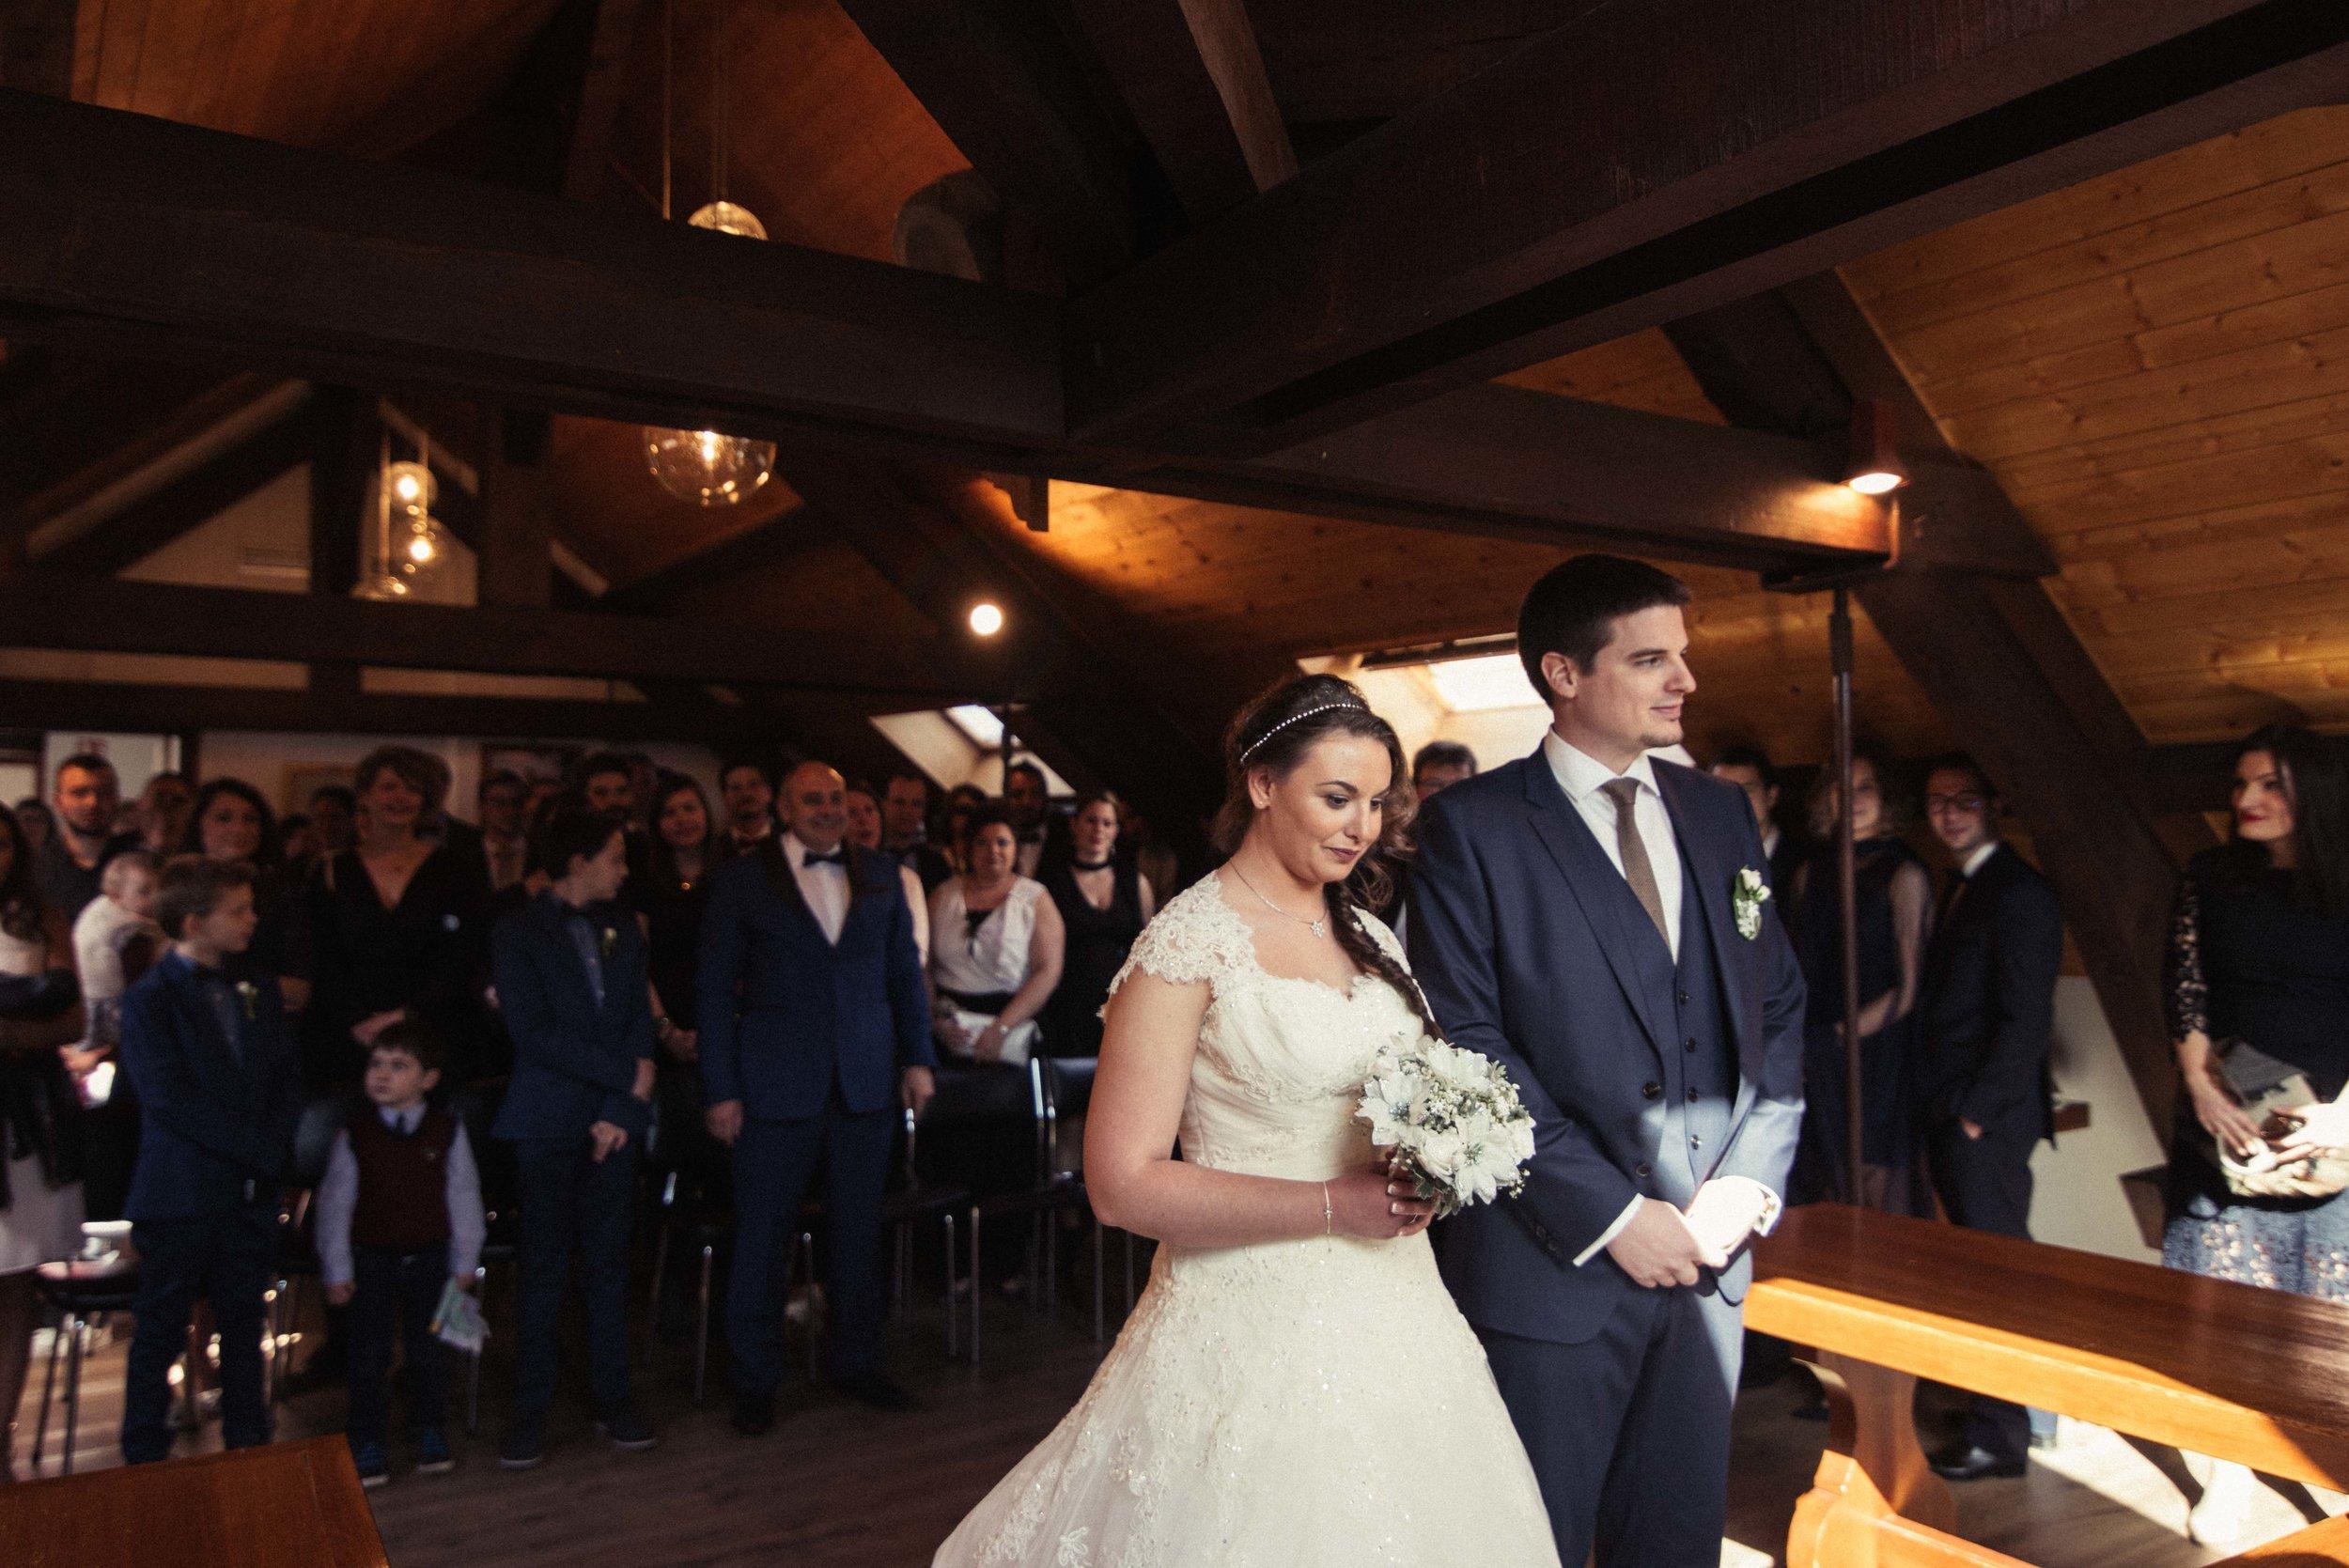 Léa-Fery-photographe-professionnel-lyon-rhone-alpes-portrait-mariage-couple-amour-lovesession-engagement-elopment-2194.jpg